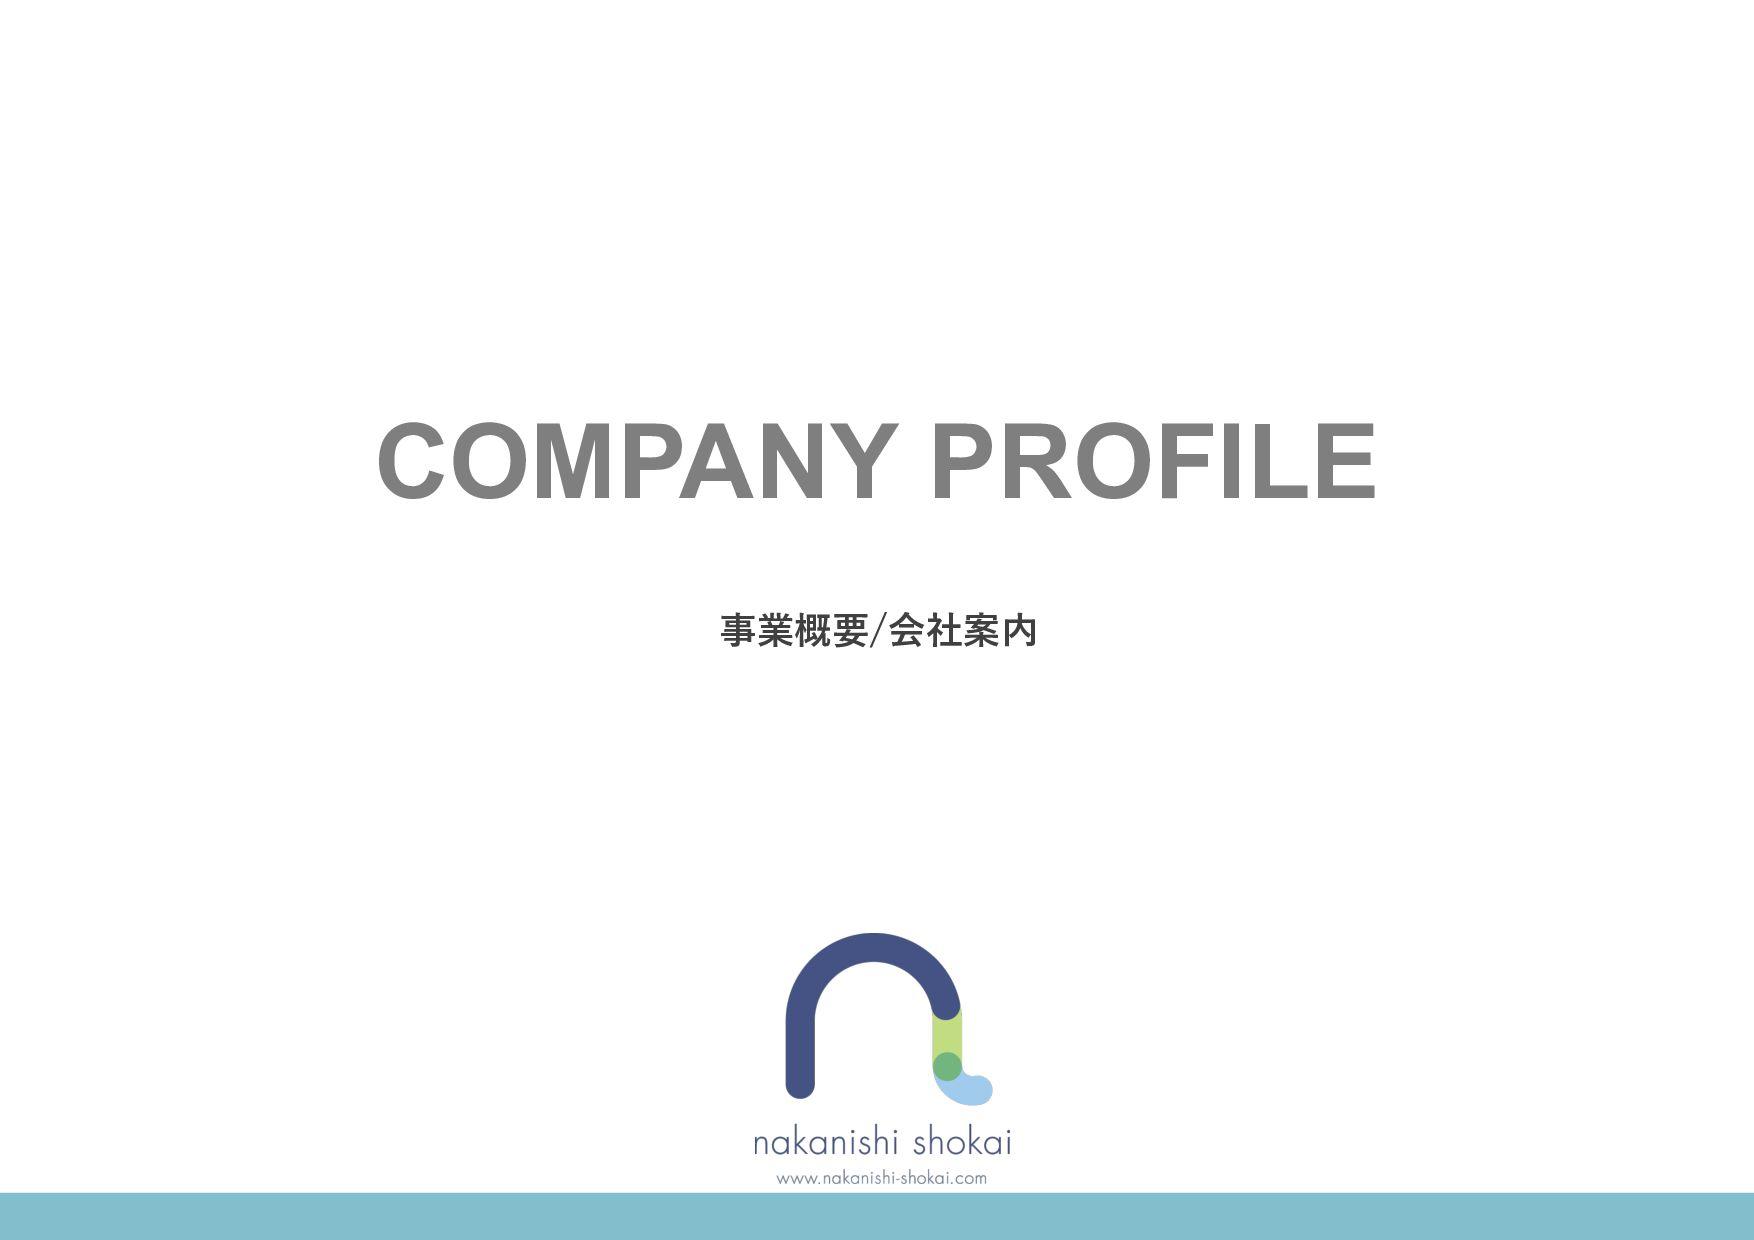 中⻄商会株式会社 事業概要/会社案内 COMPANY PROFILE